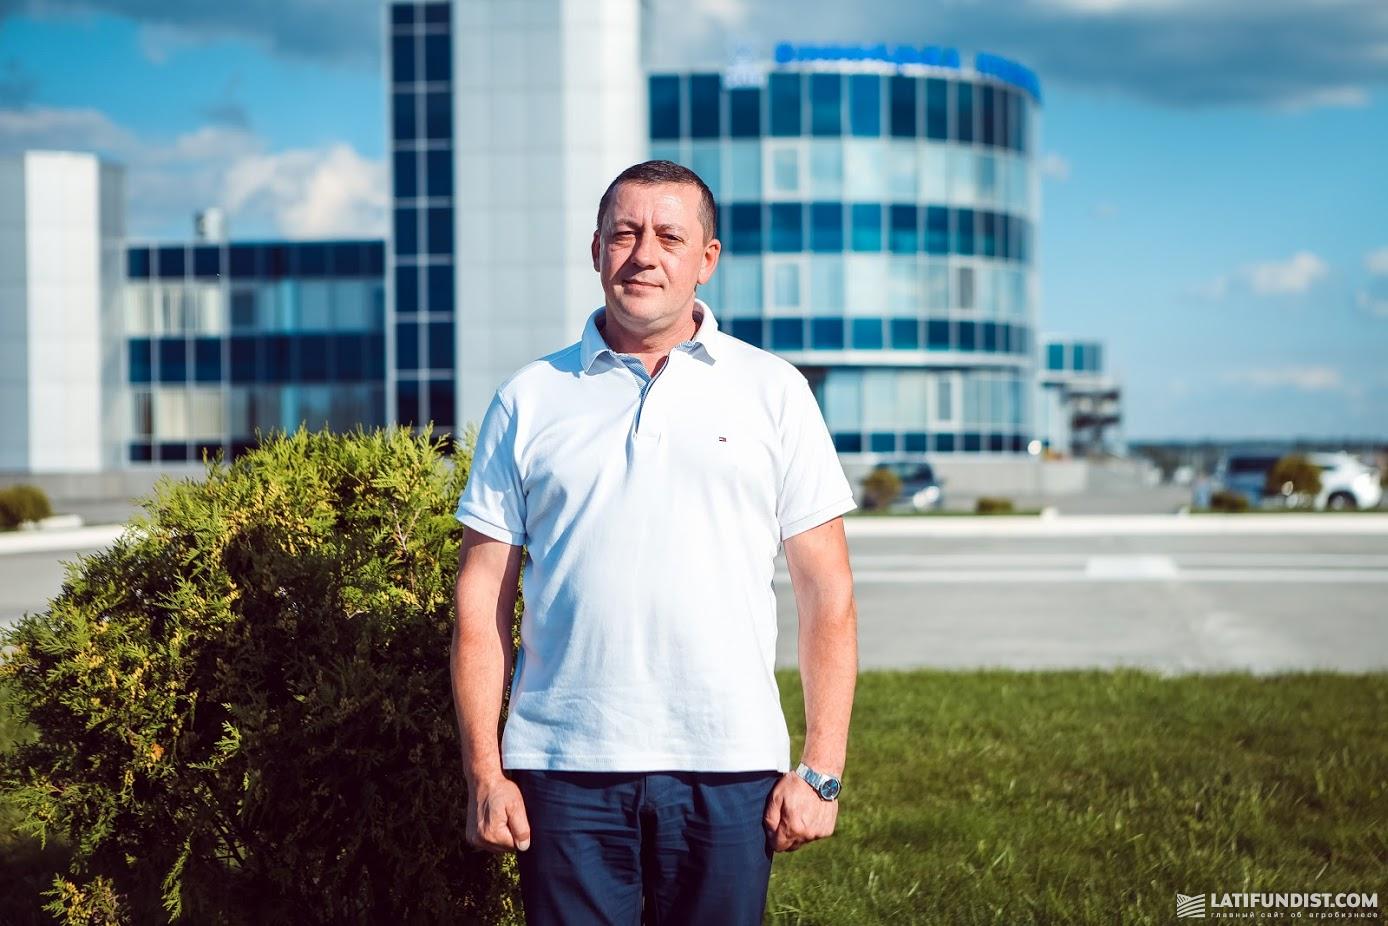 Петр Андриец, заместитель директора по социальной работе ОП «Винницкий бройлер» ПАО «МХП»